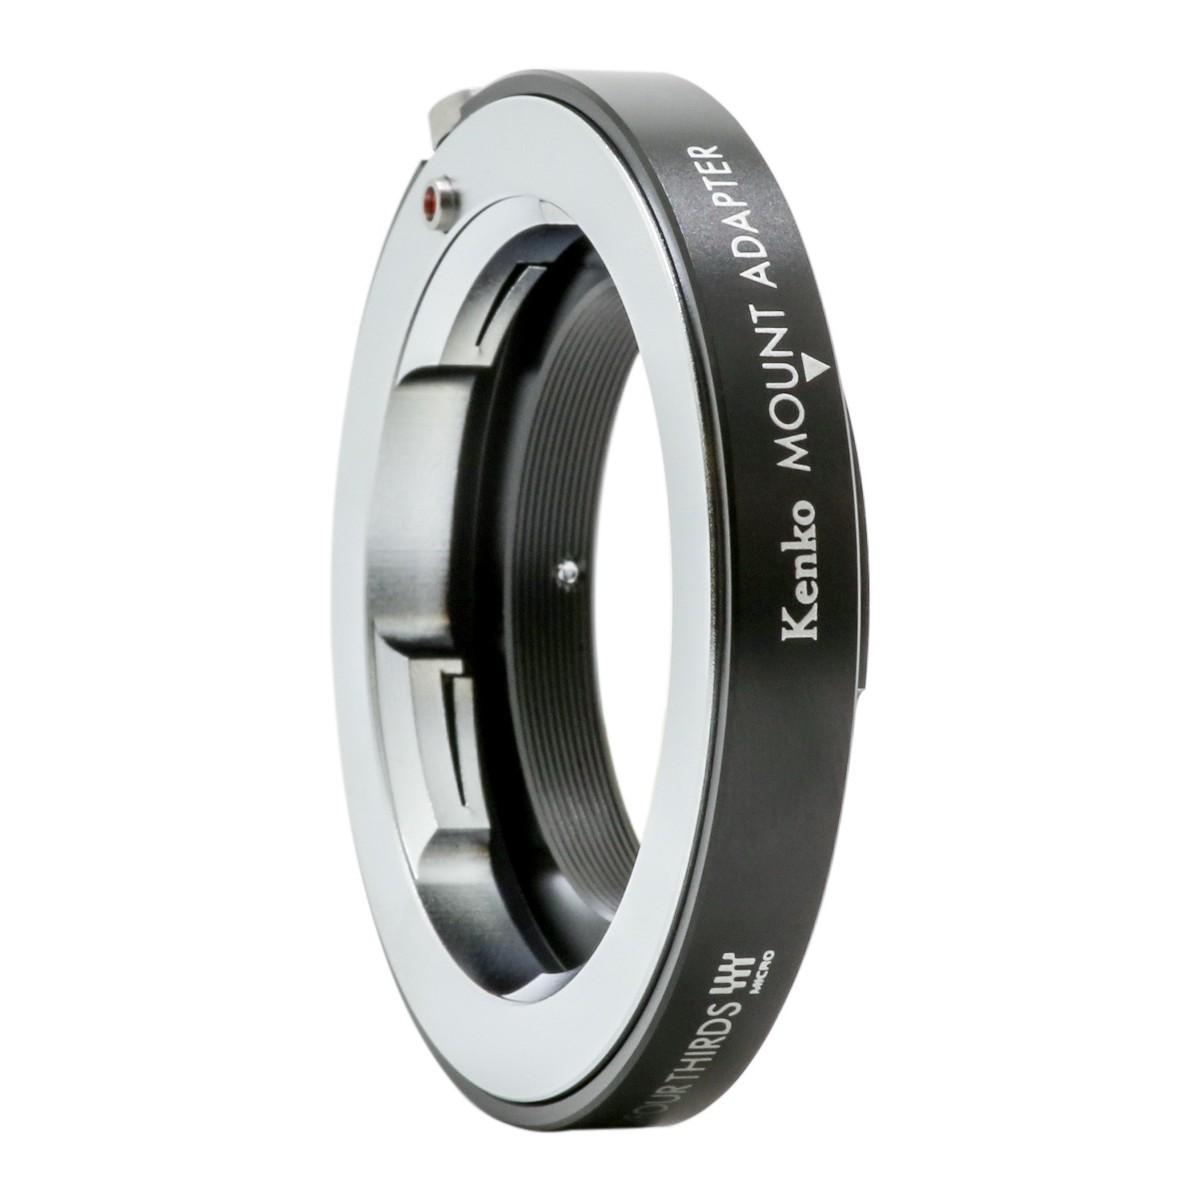 KENKO - Bague d'adaptation pour optiques en monture Leica M vers Micro 4/3.